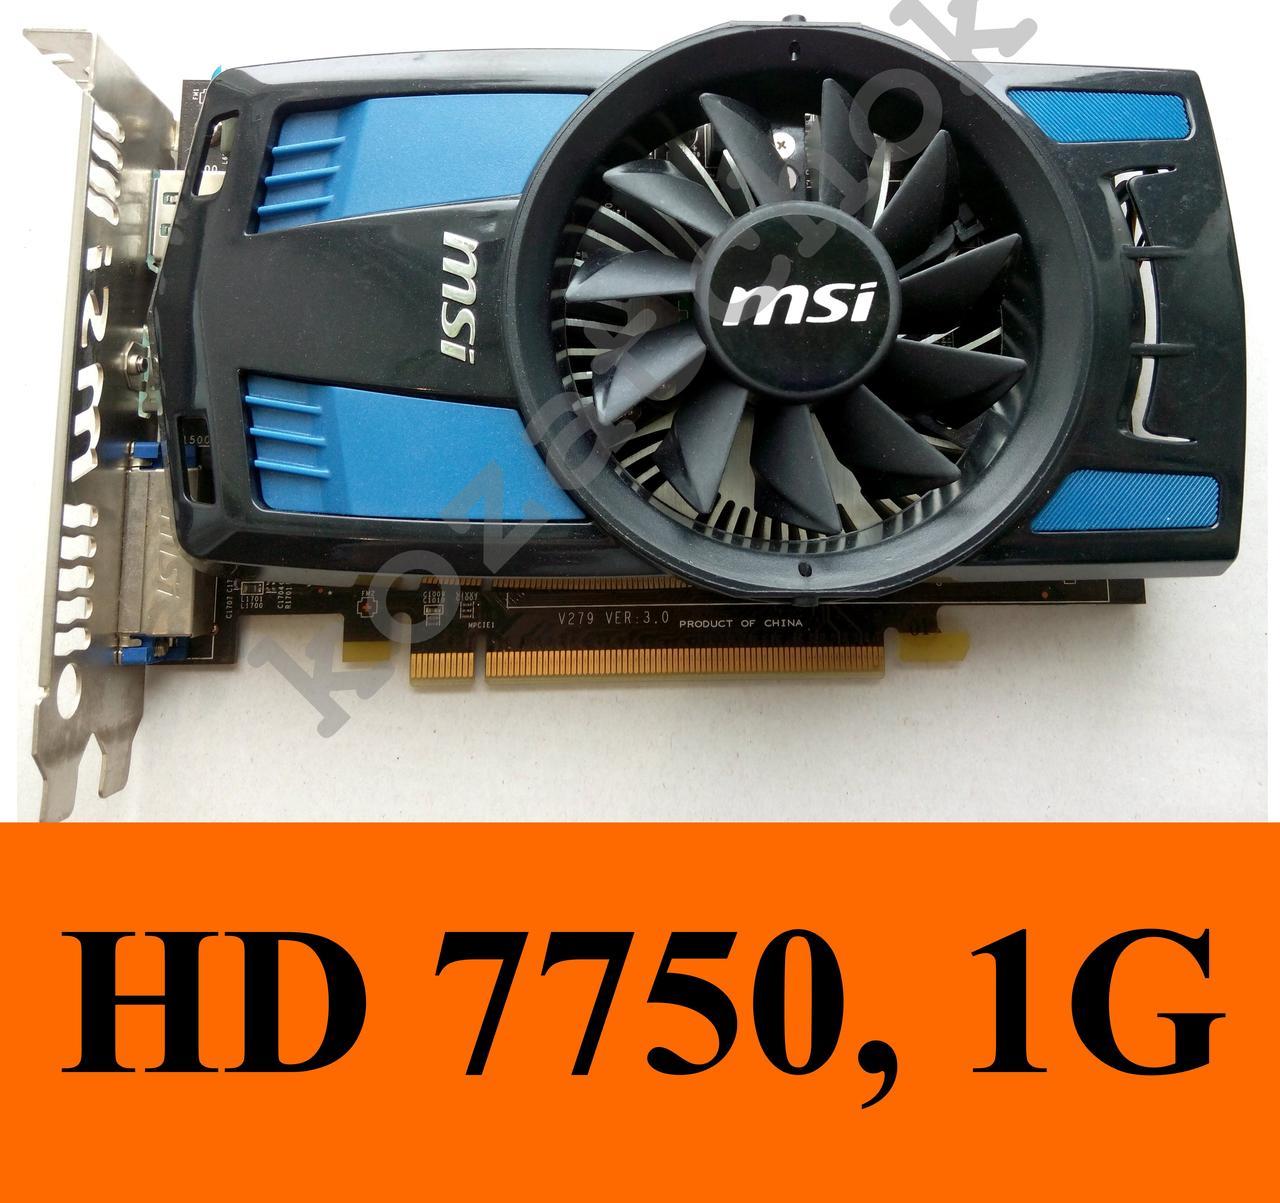 Видеокарты MSI HD 7750, 1Gb, 128Bit, GDDR5 (GTX 650 550ti HD 6770 5770 4870  R7 250 350) : продажа, цена в Житомире